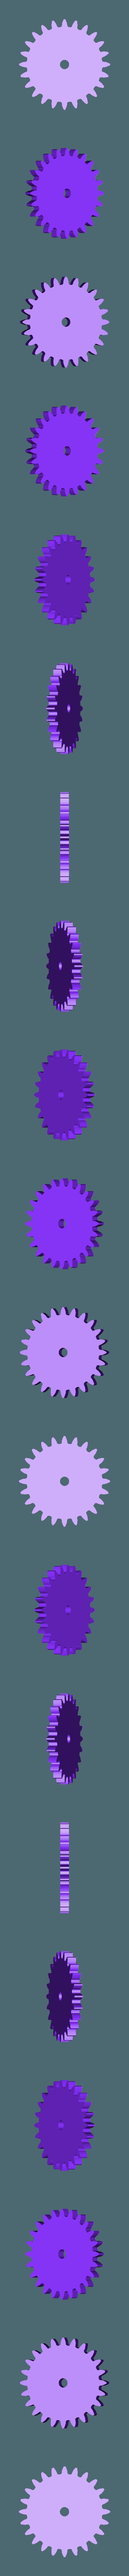 Spur_Gear_24_teeth.stl Télécharger fichier STL gratuit Pistolet d'hypnose • Design pour imprimante 3D, ericcherry